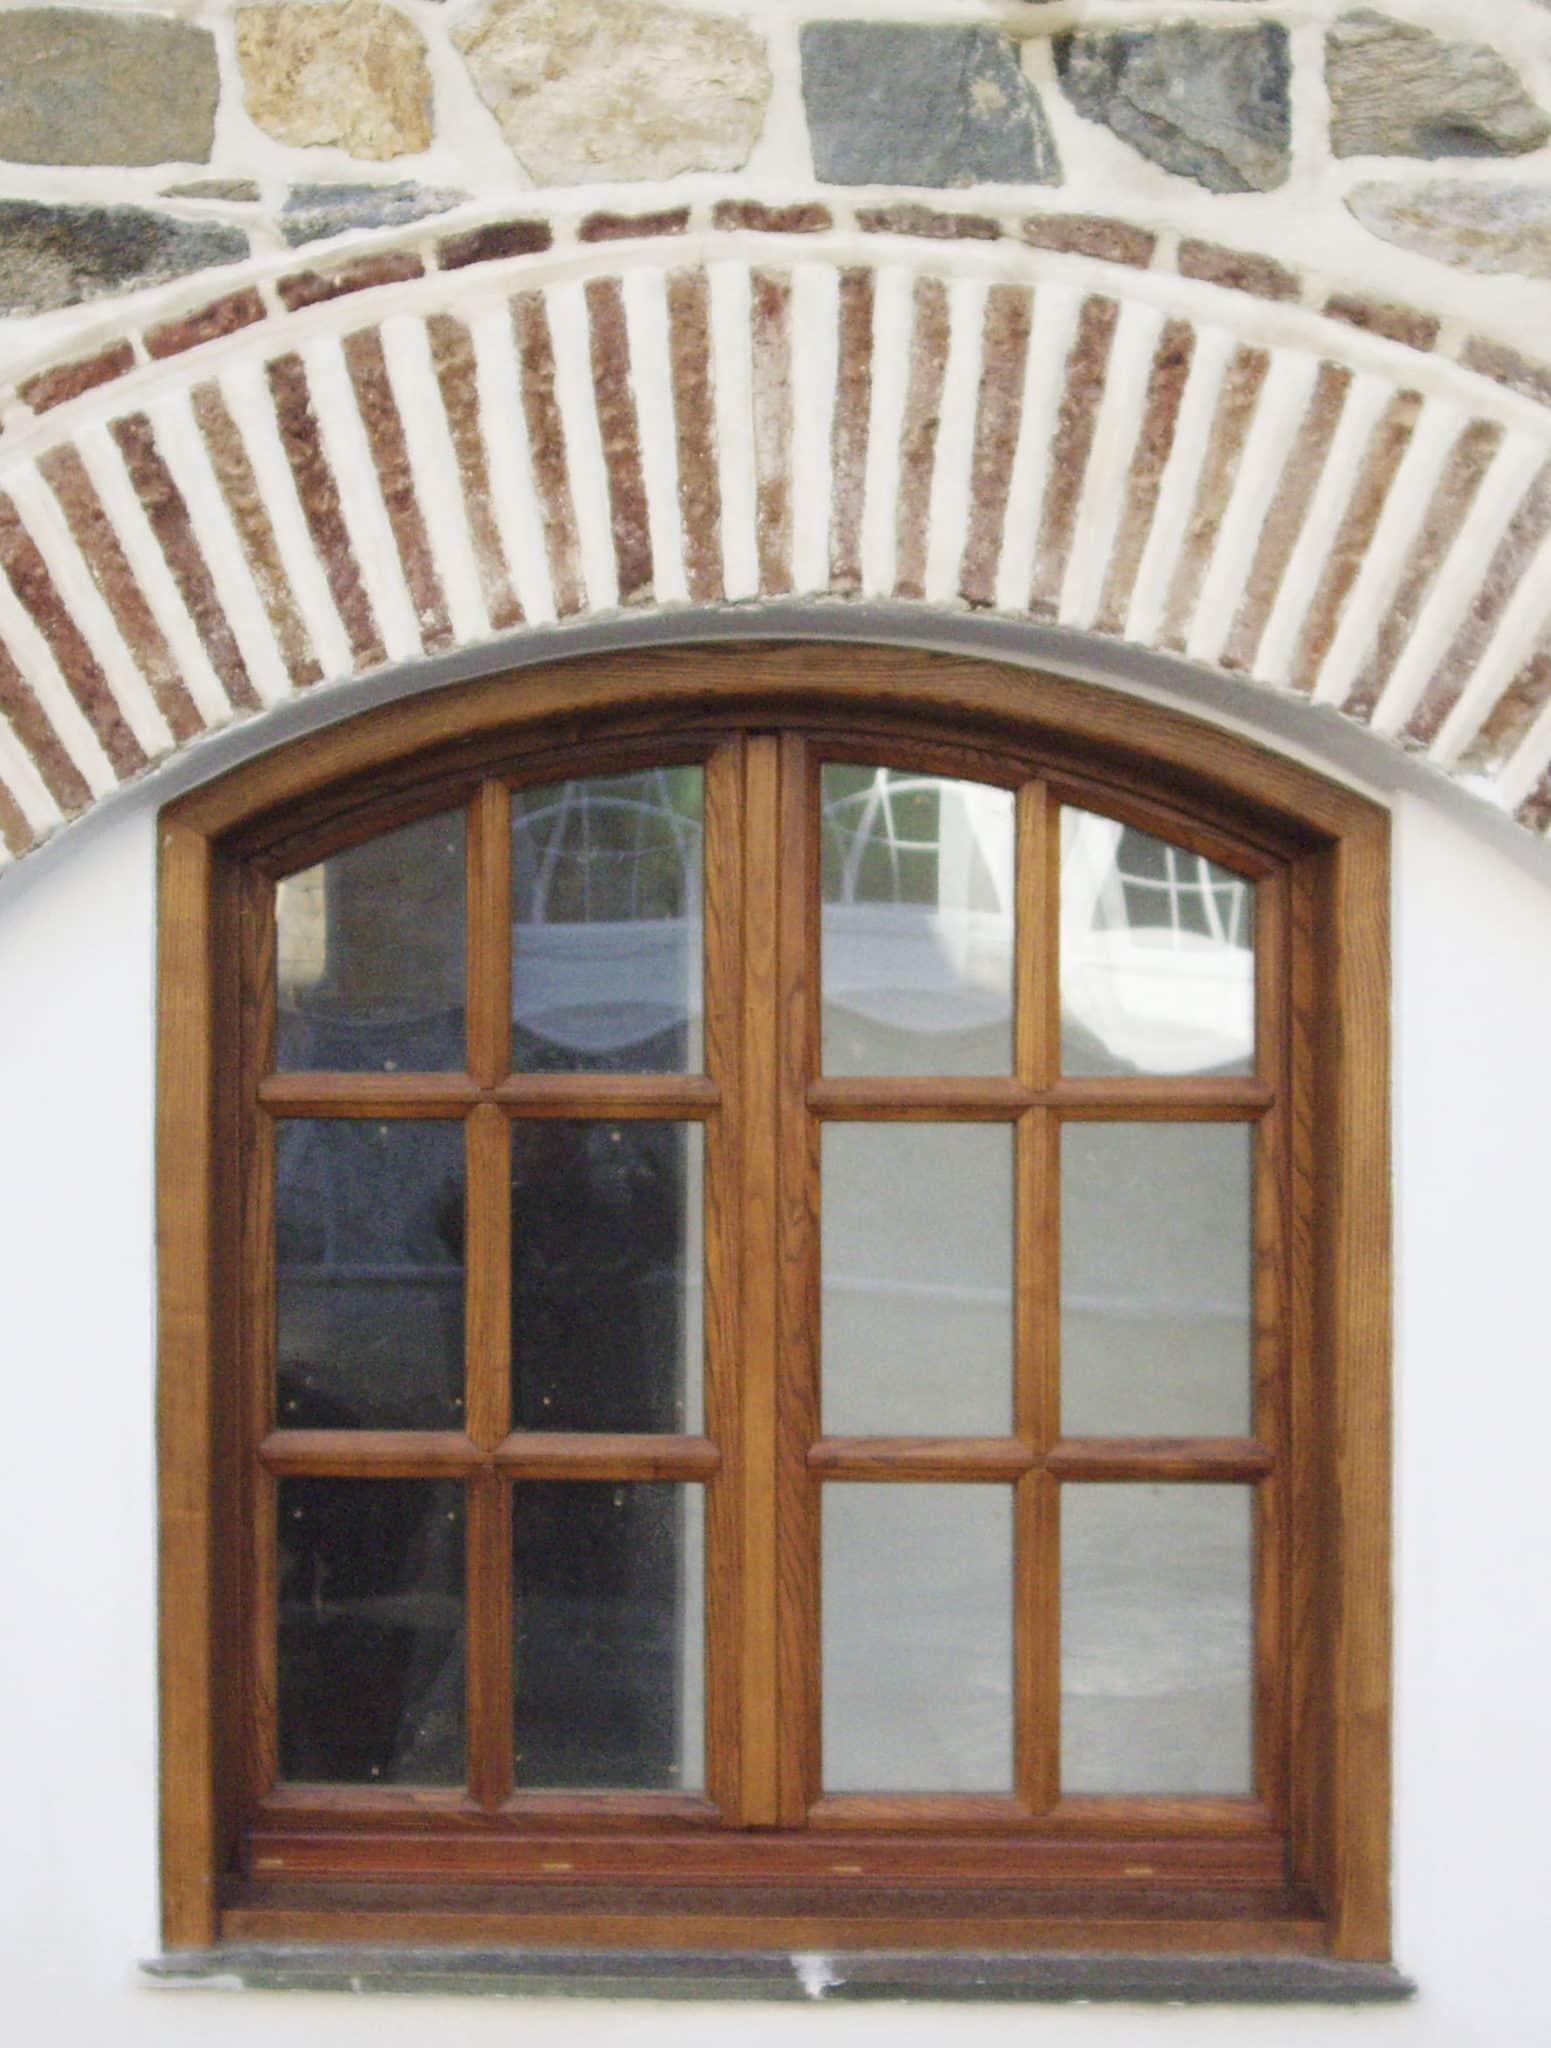 τοξωτό ξύλινο παράθυρο με καϊτια